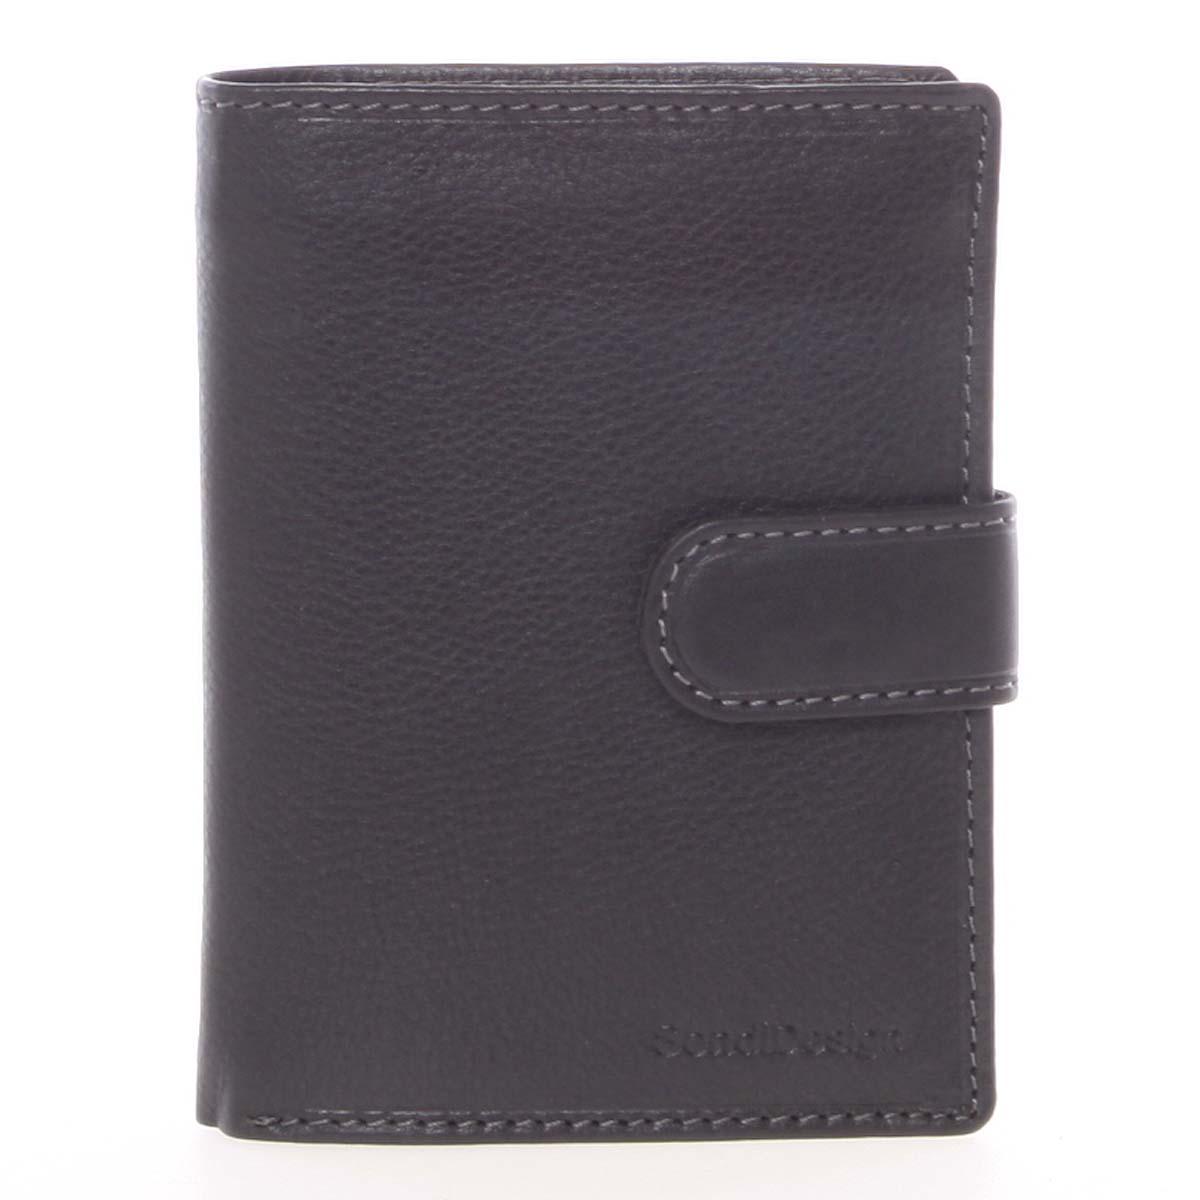 Černá pánská kožená peněženka - SendiDesign Sampson